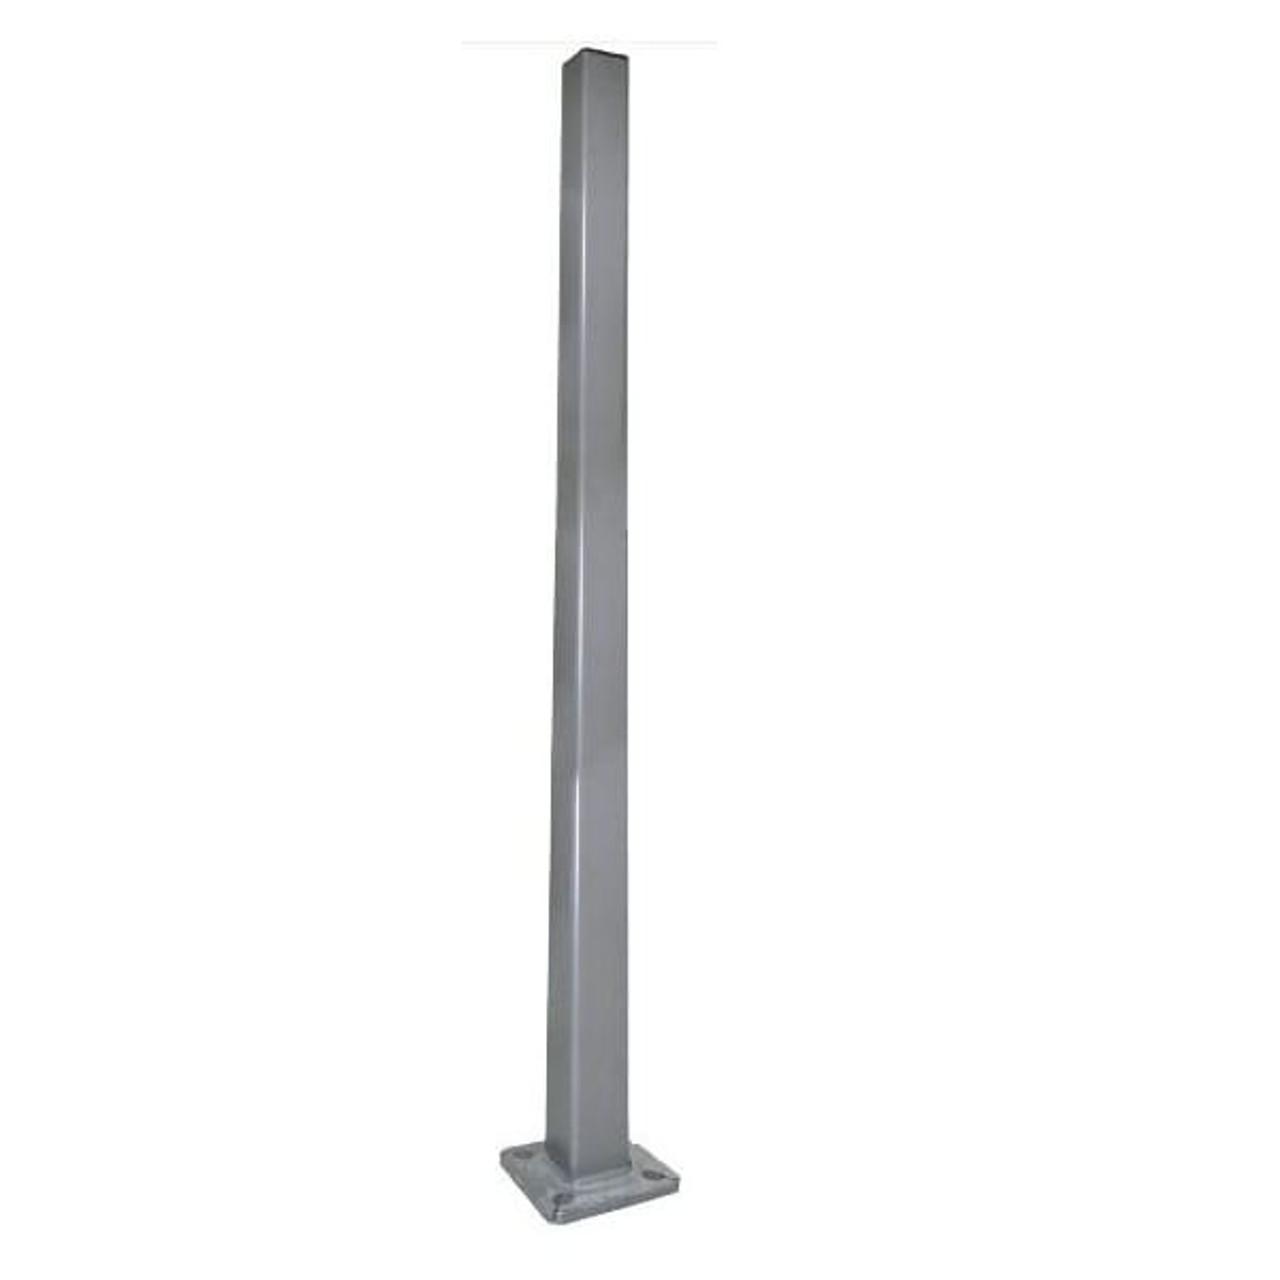 Triple Square Straight Bull Horn for 3 fixtures LED Street Light Tenon Adapter